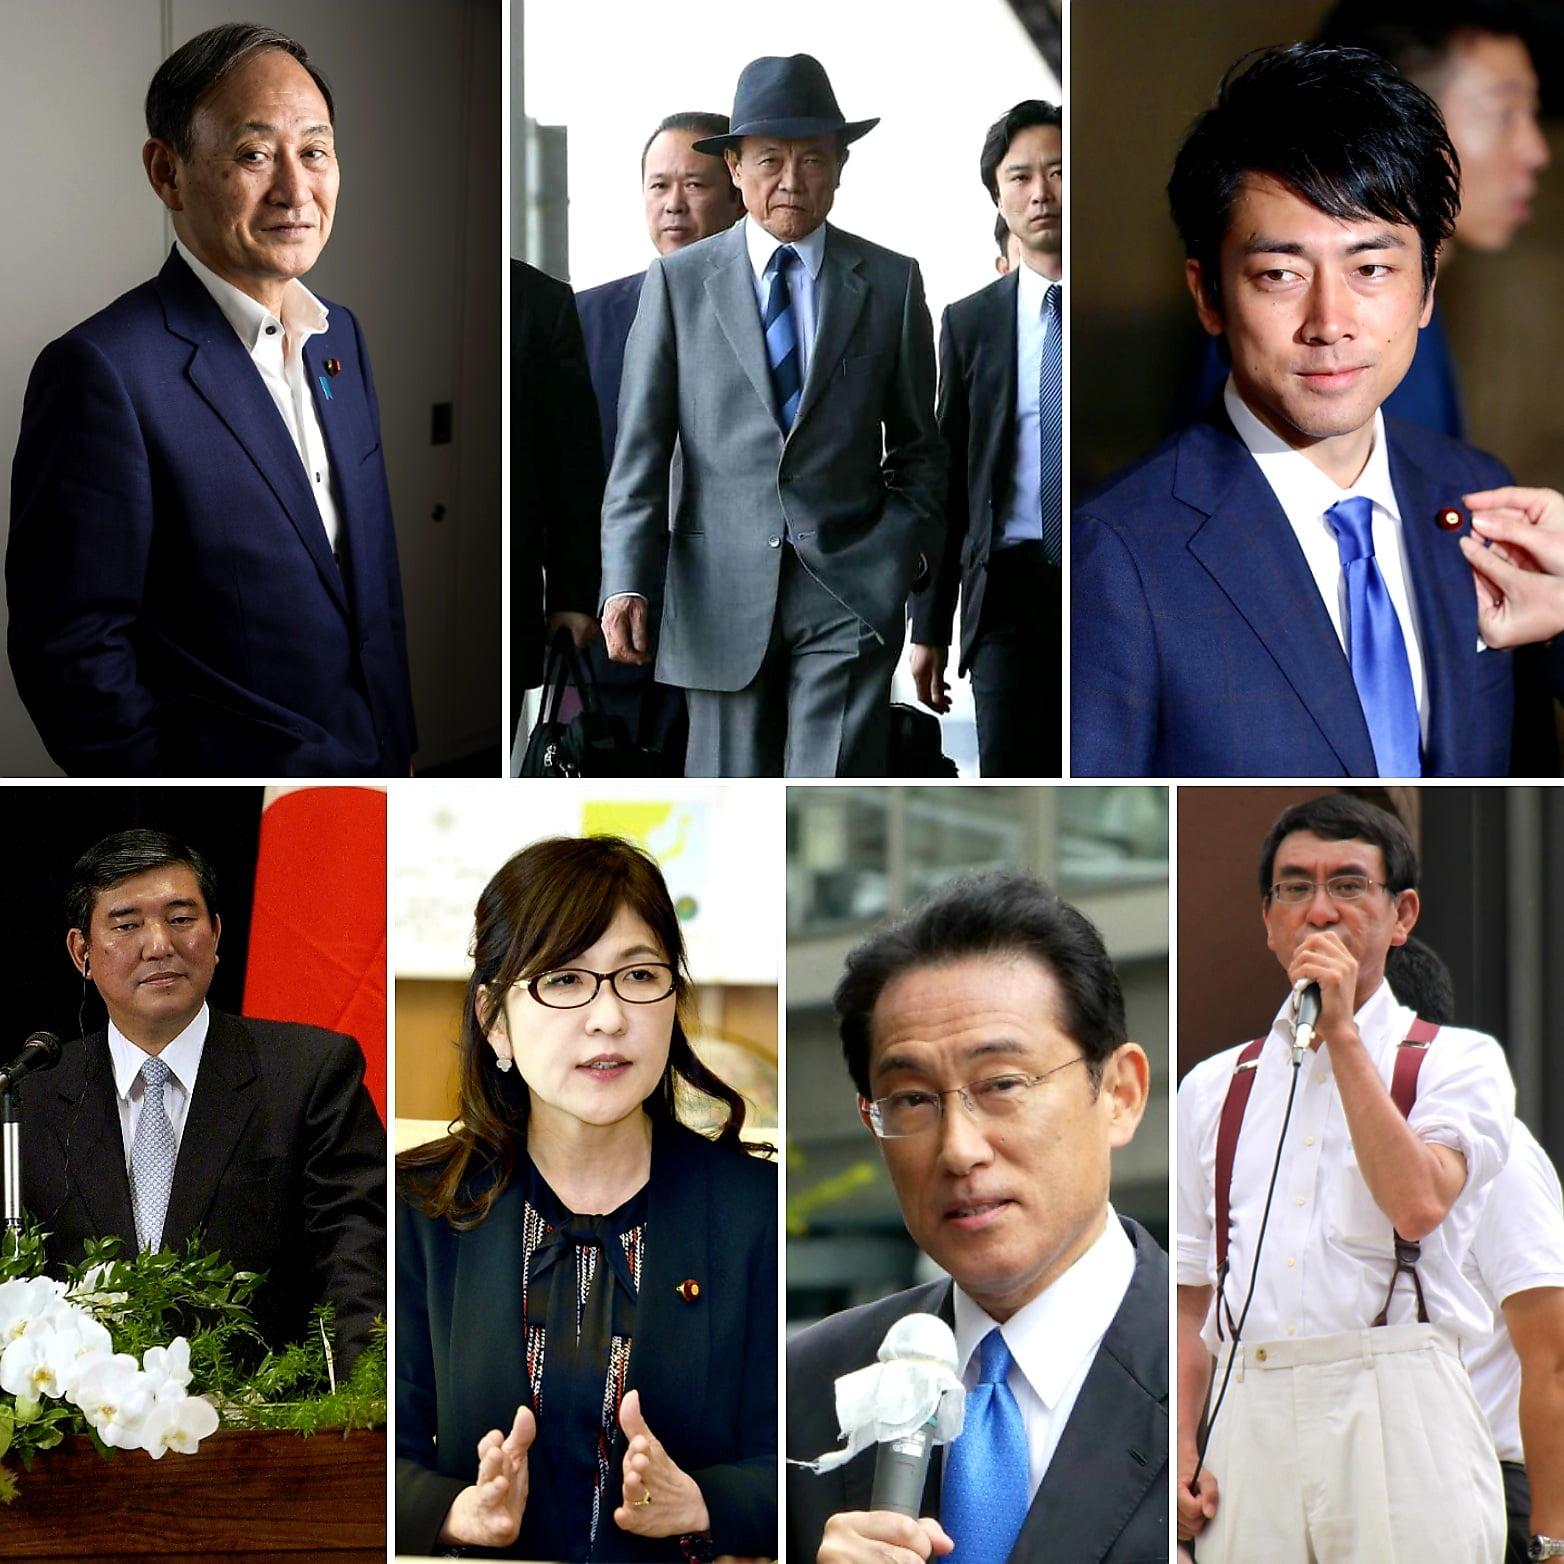 Nhật Bản - Vị trí Thủ tướng, ai sẽ là người được chọn?